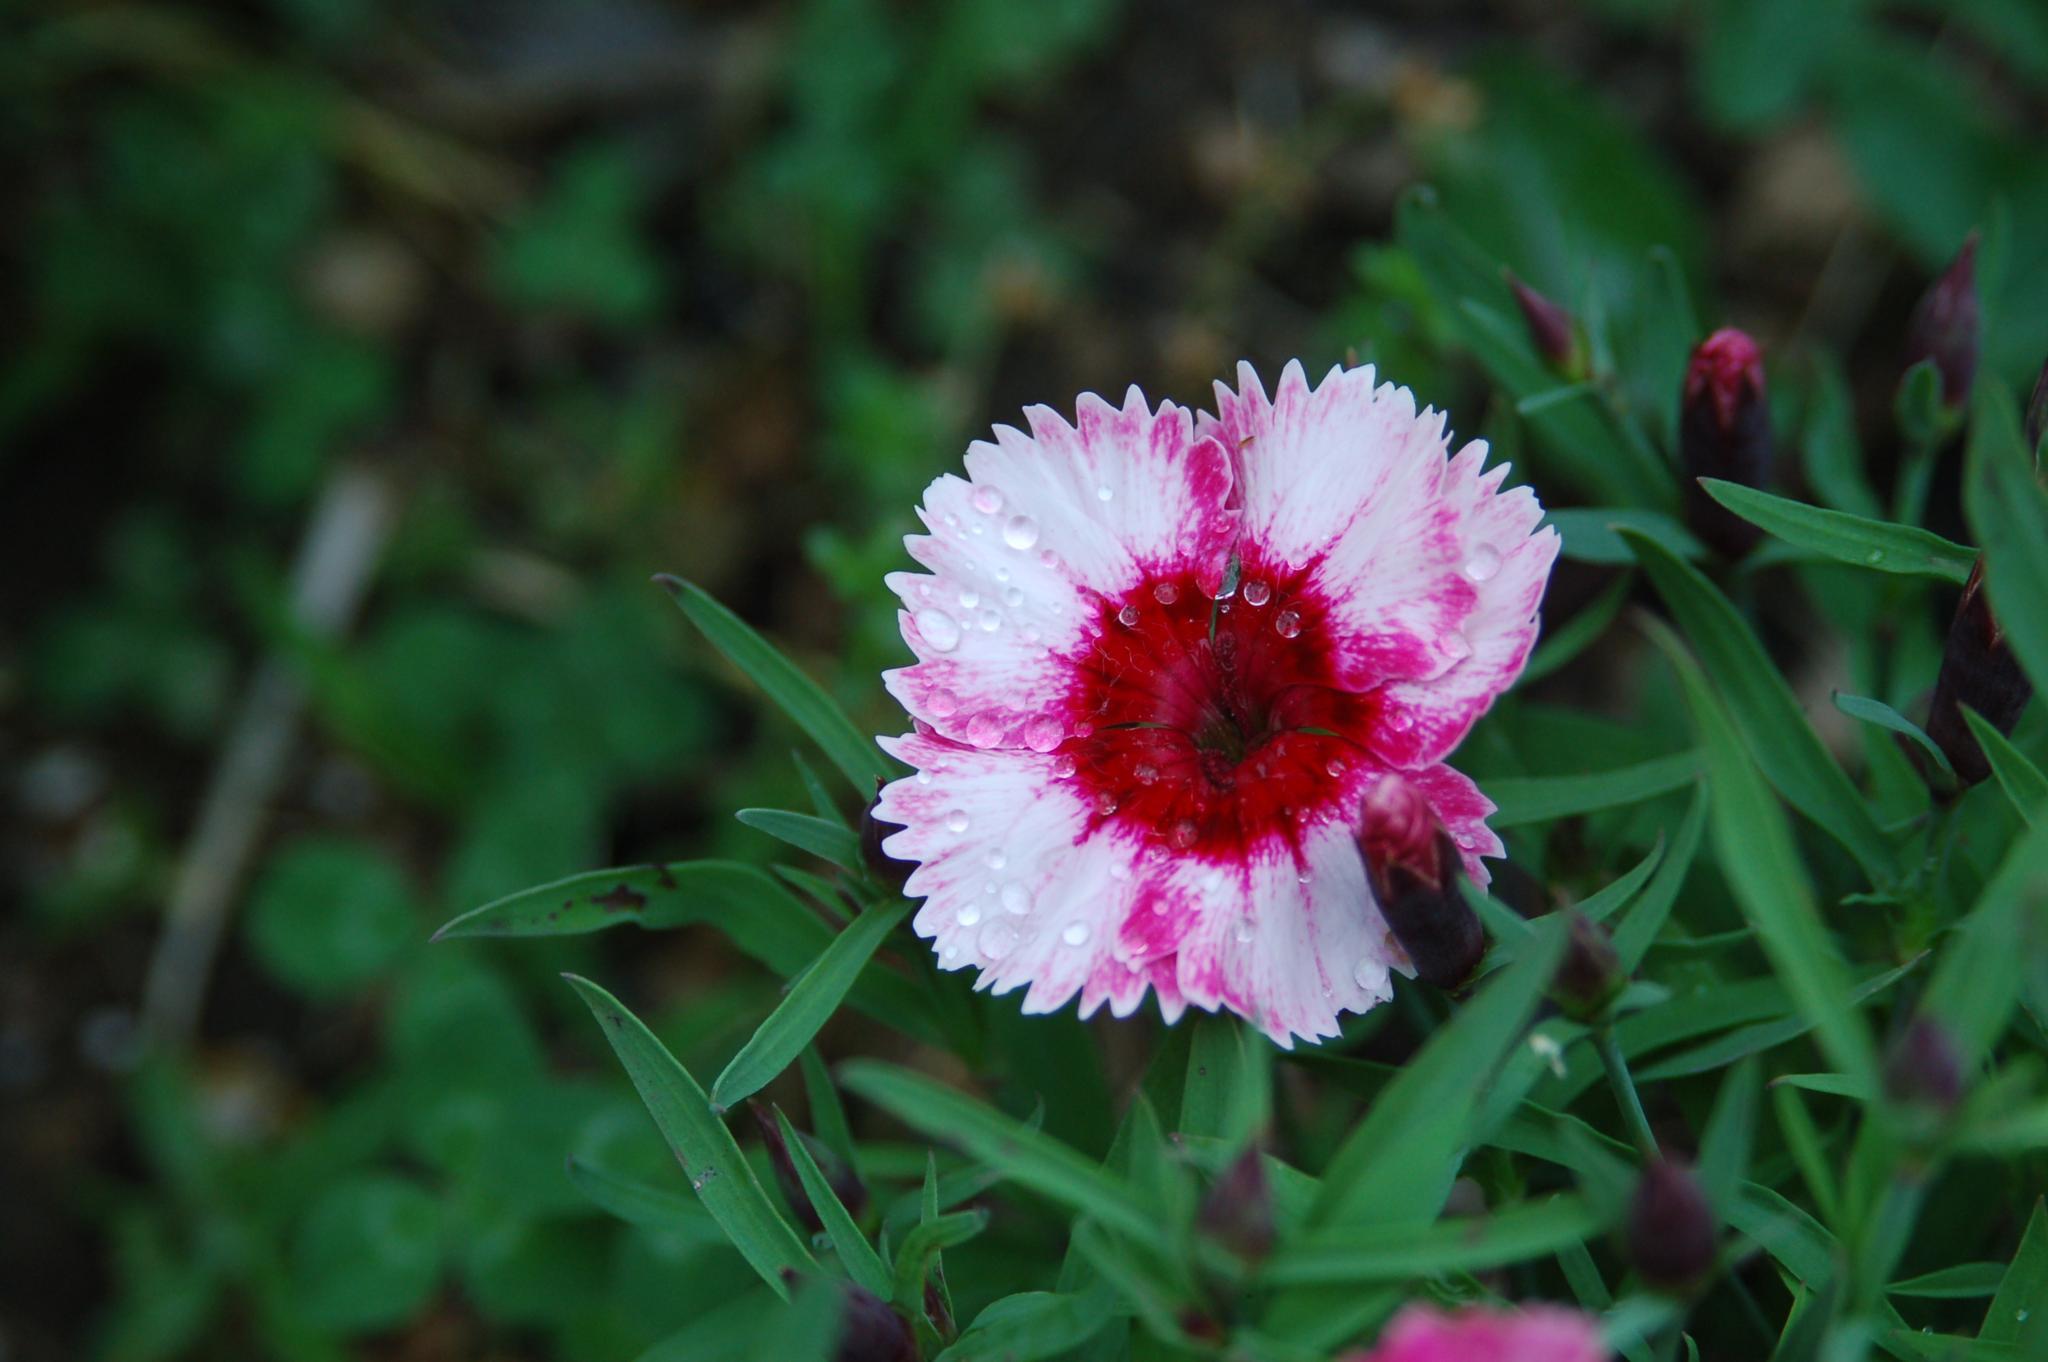 single flower by pgavin5000